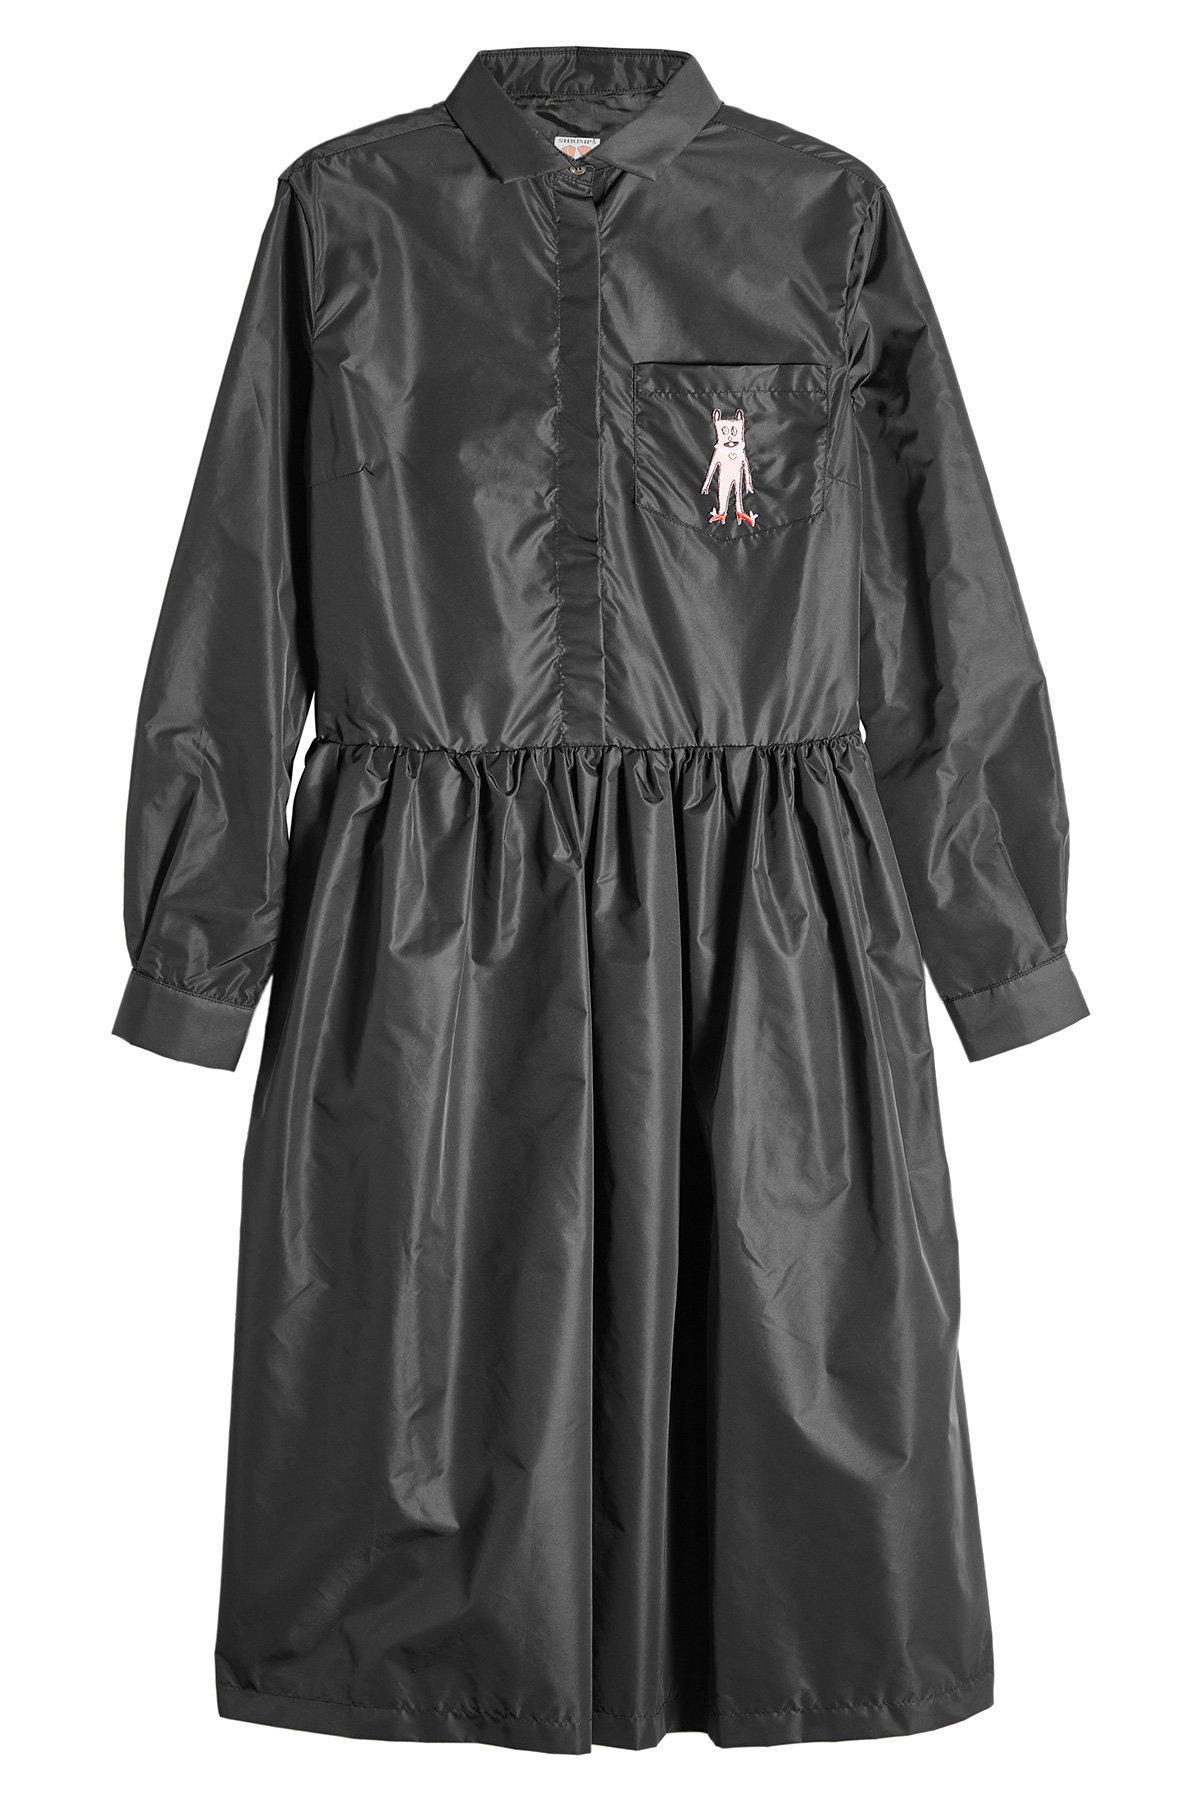 Shrimps Shirt Dress In Black